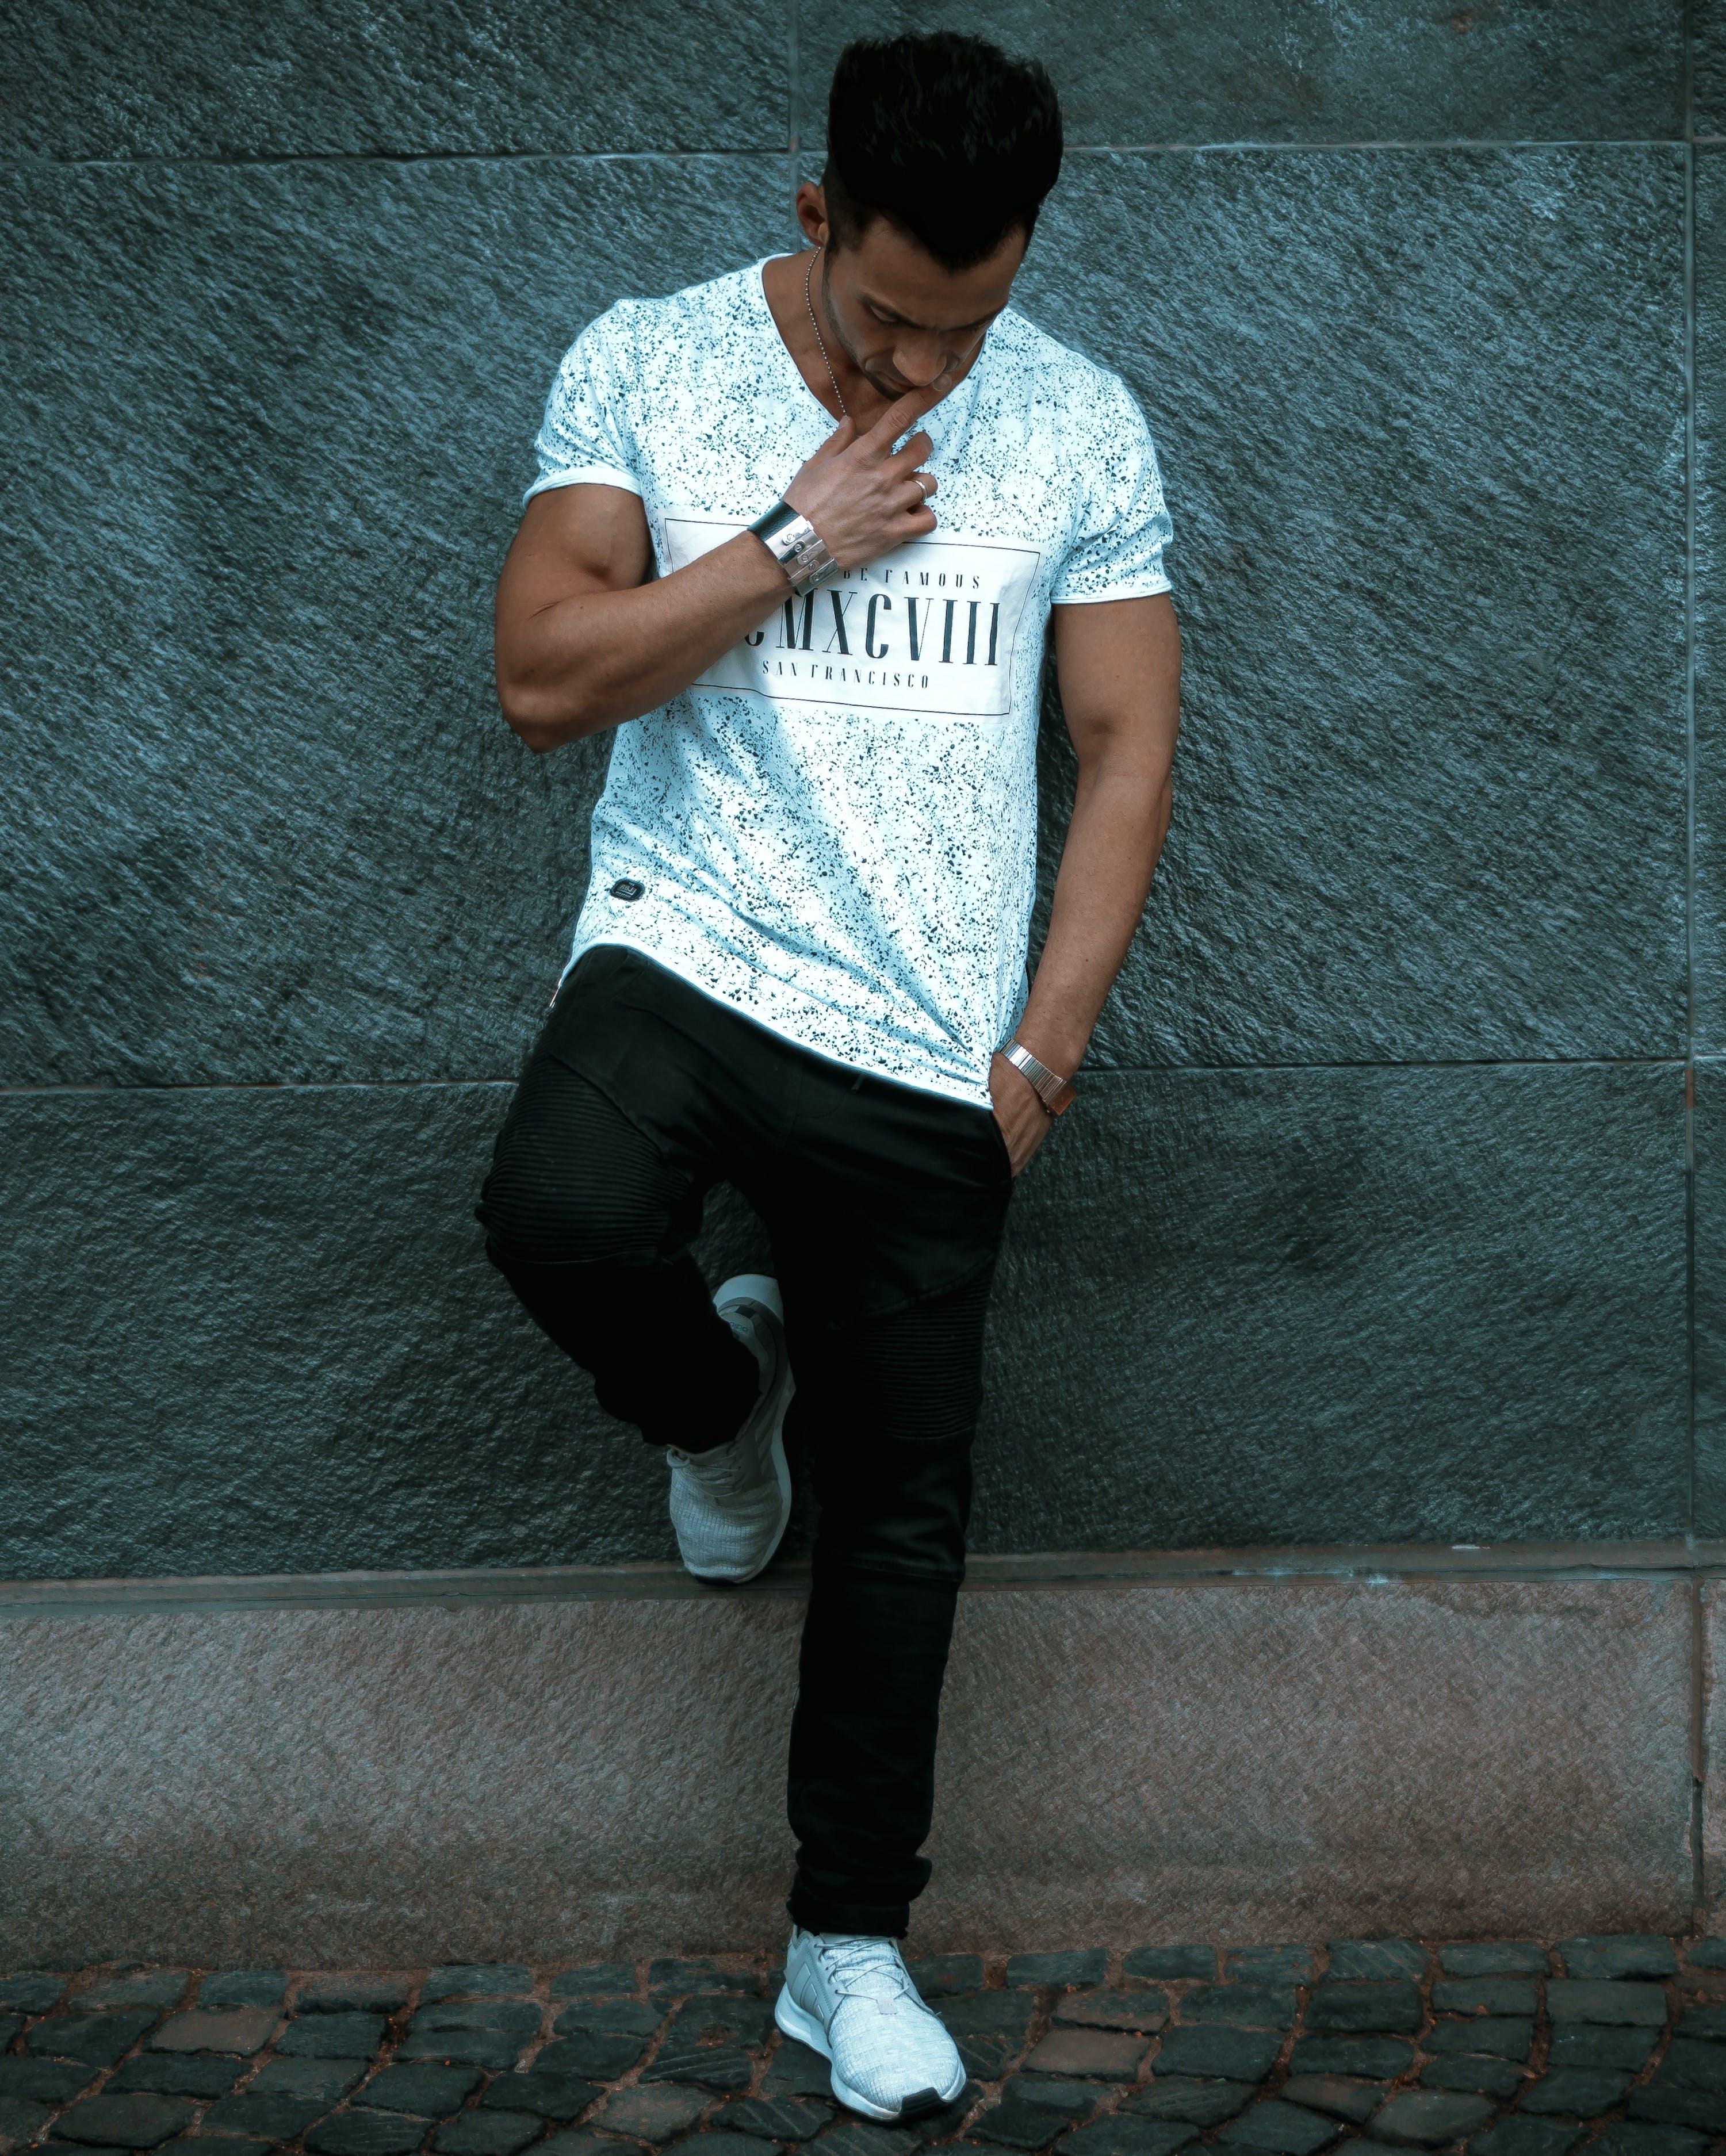 Man Wearing White T-shirt and Black Pants